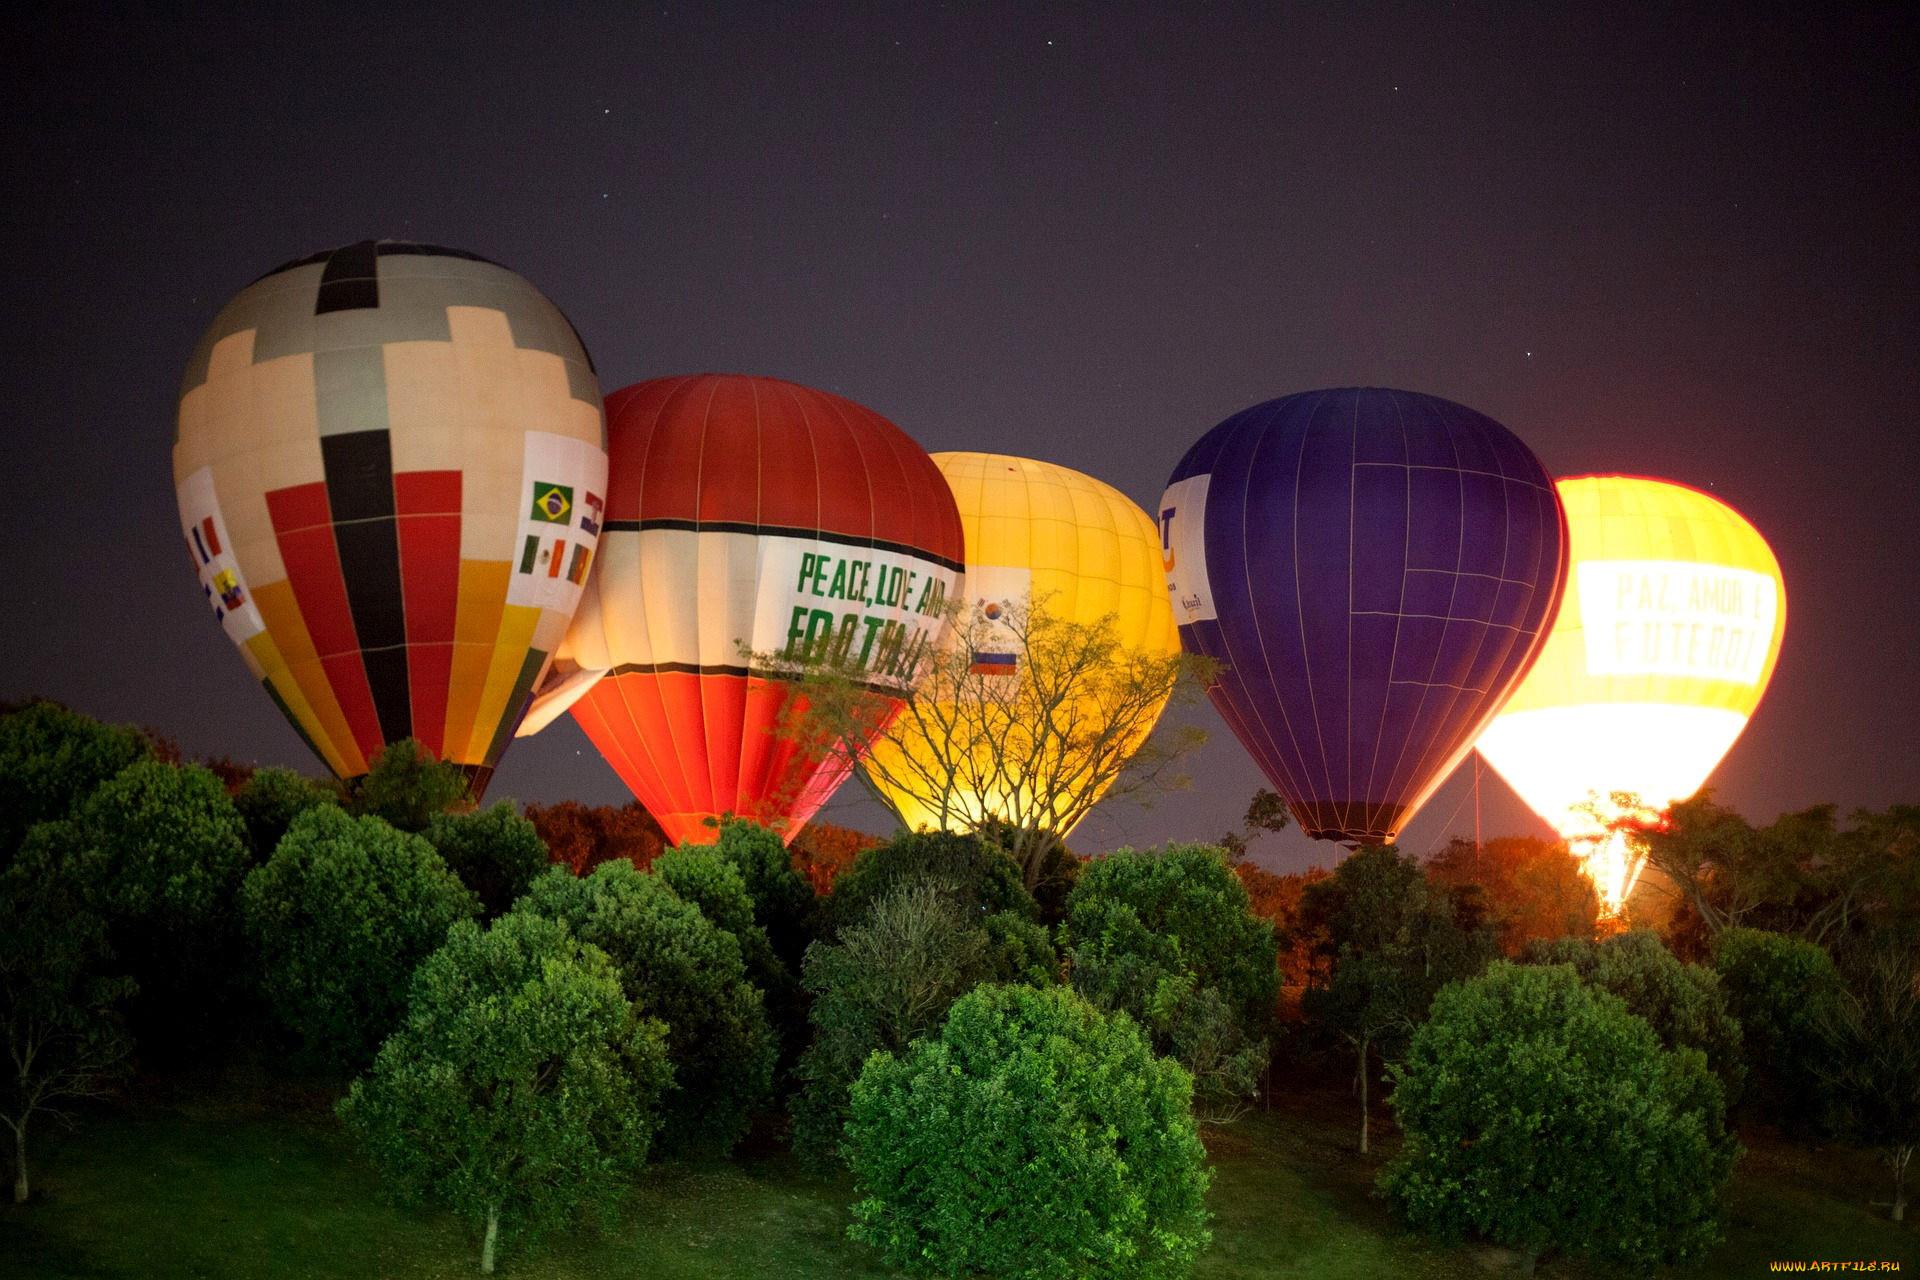 Картинки дирижабля и воздушных шаров